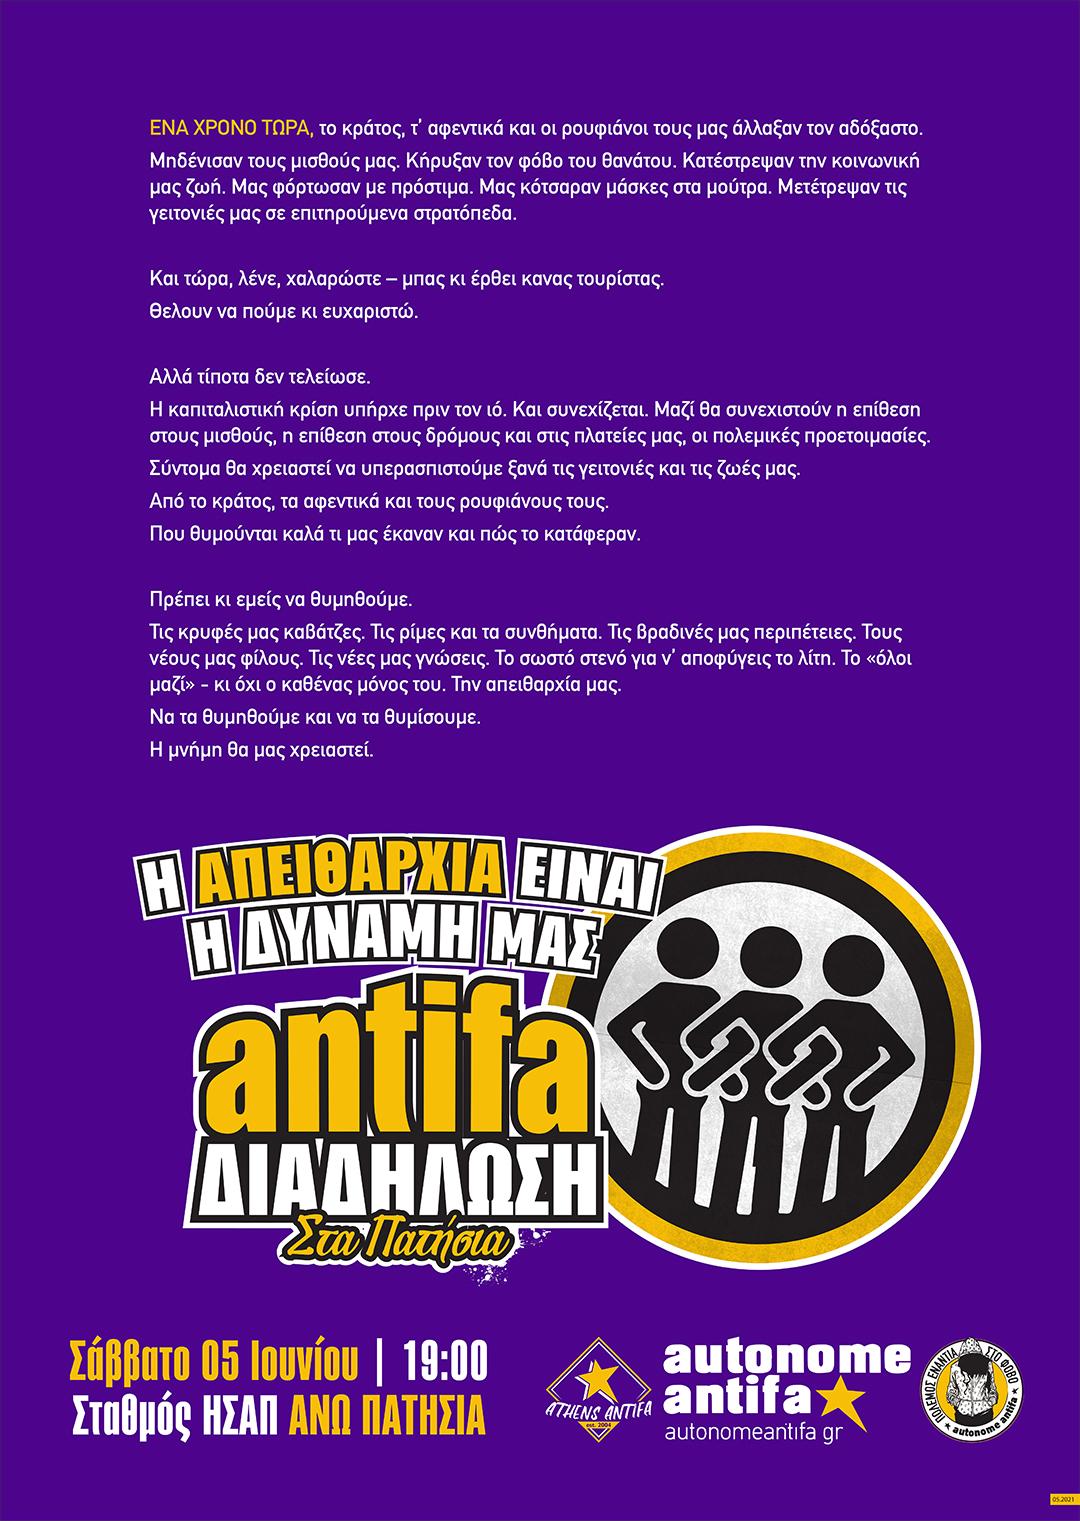 antifa διαδήλωση η απειθαρχία ειναι η δύναμή μας